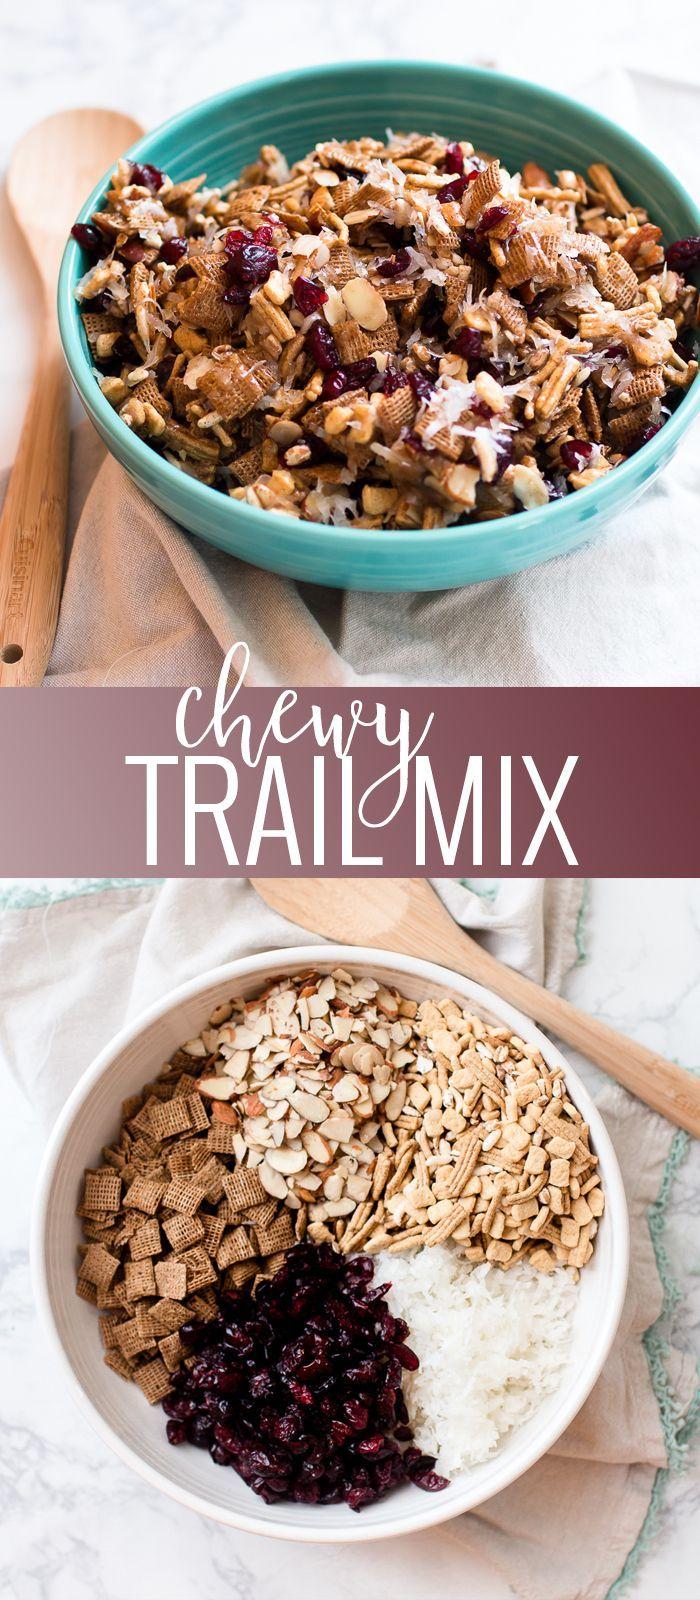 Chewy Trail Mix | homemade trail mix recipe | healthy snack recipes | how to make trail mix | trail mix recipe ideas | easy snack recipes | easy trail mix recipe || Oh So Delicioso #trailmixrecipe #easysnack #healthysnack